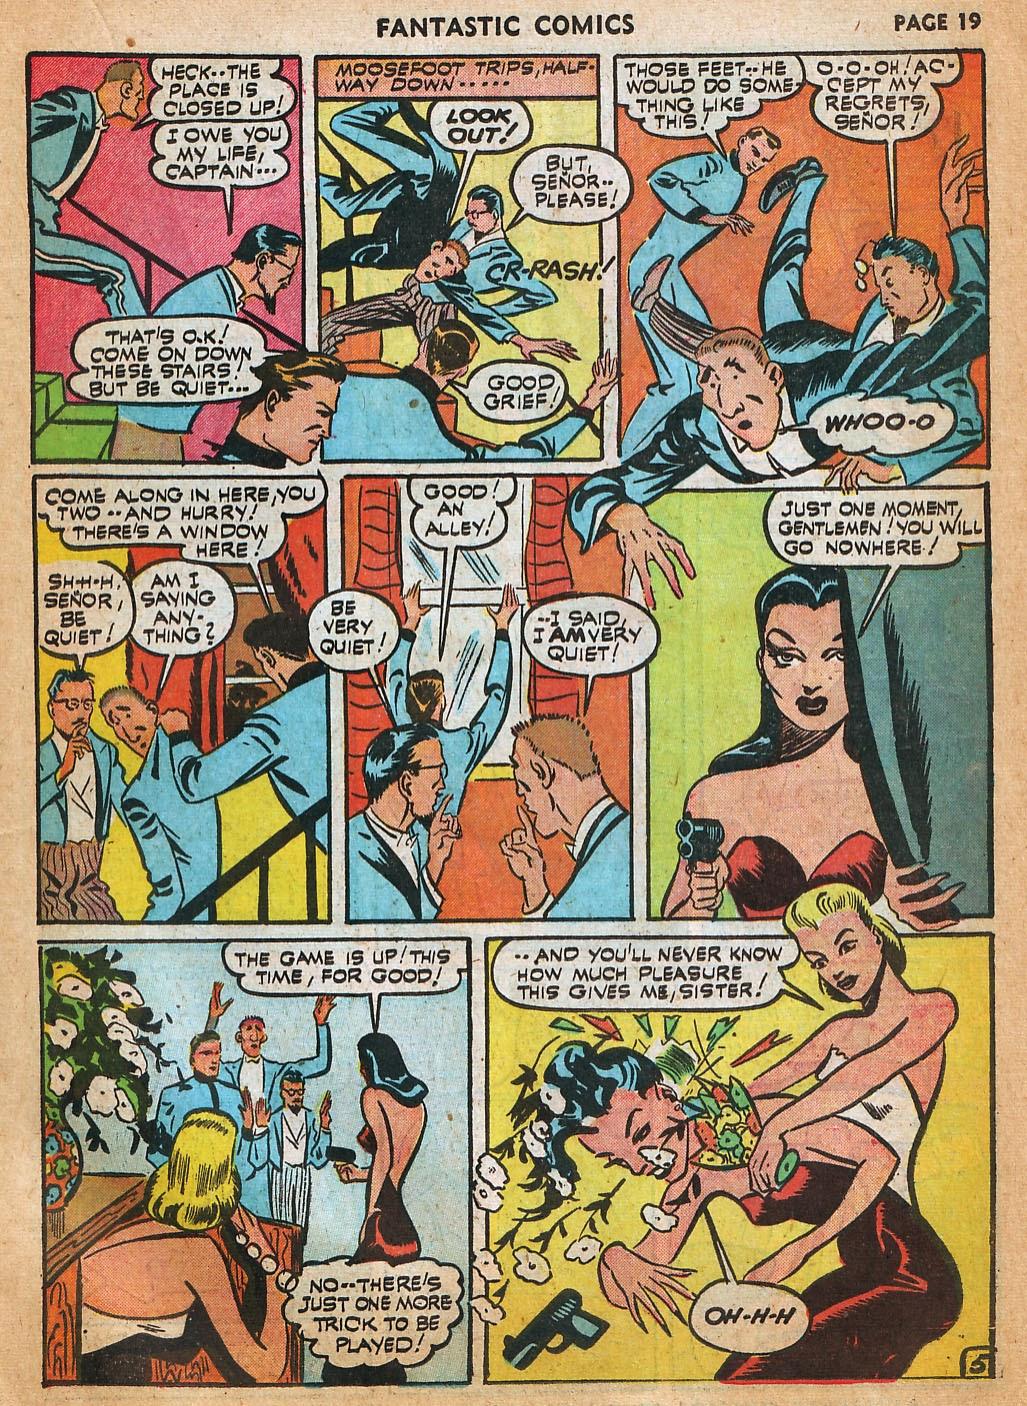 Read online Fantastic Comics comic -  Issue #22 - 21